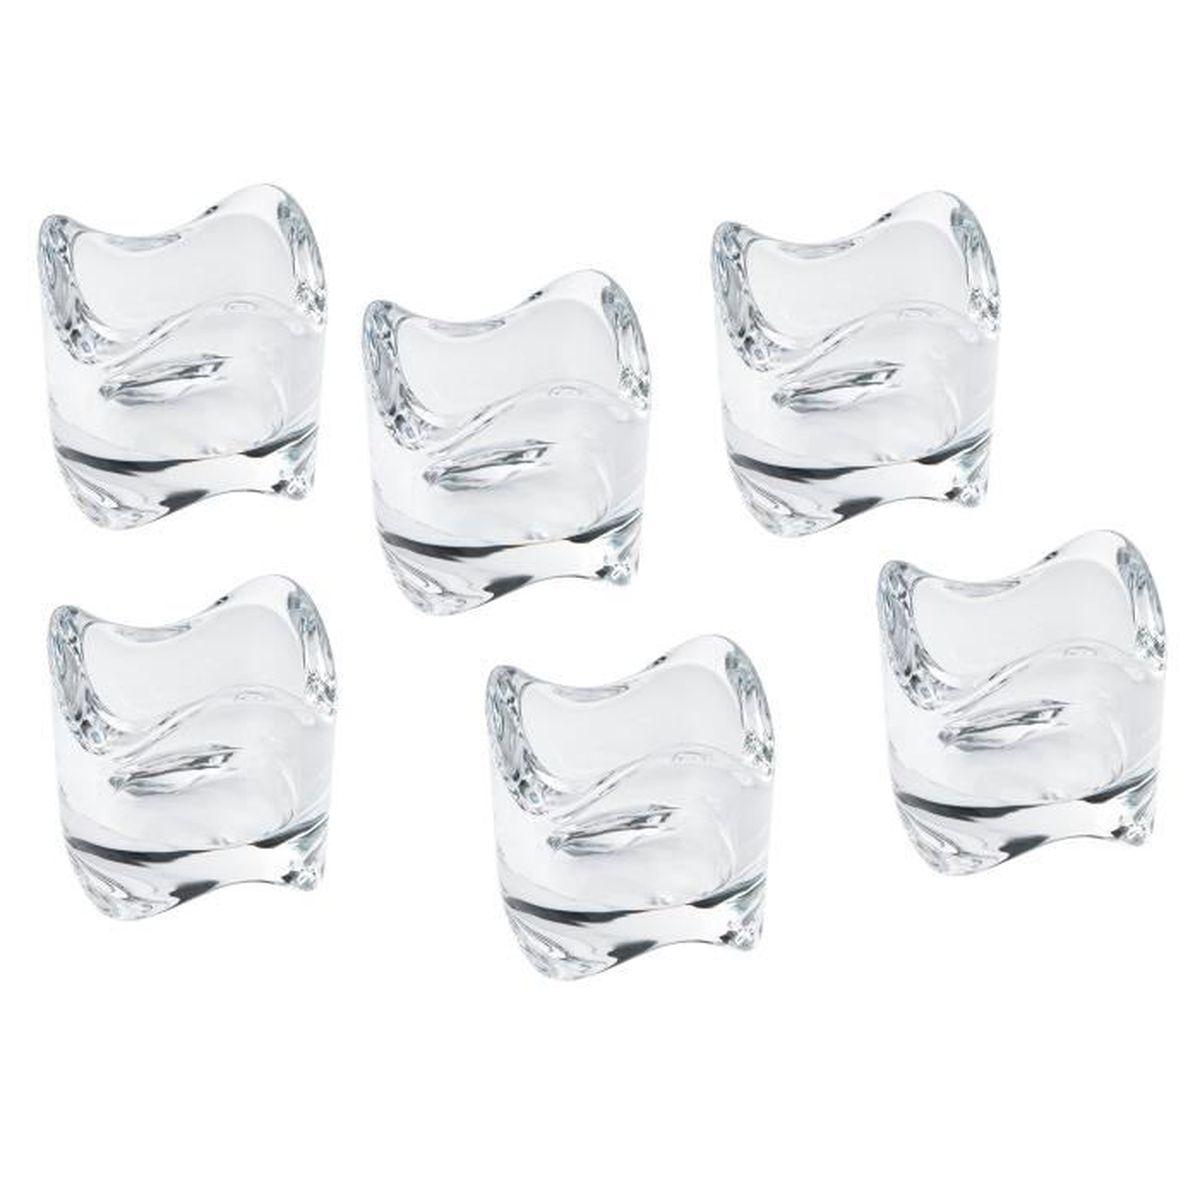 Idee Deco Pour Grand Vase Transparent 6 photophores en verre transparent idée déco bougeoir